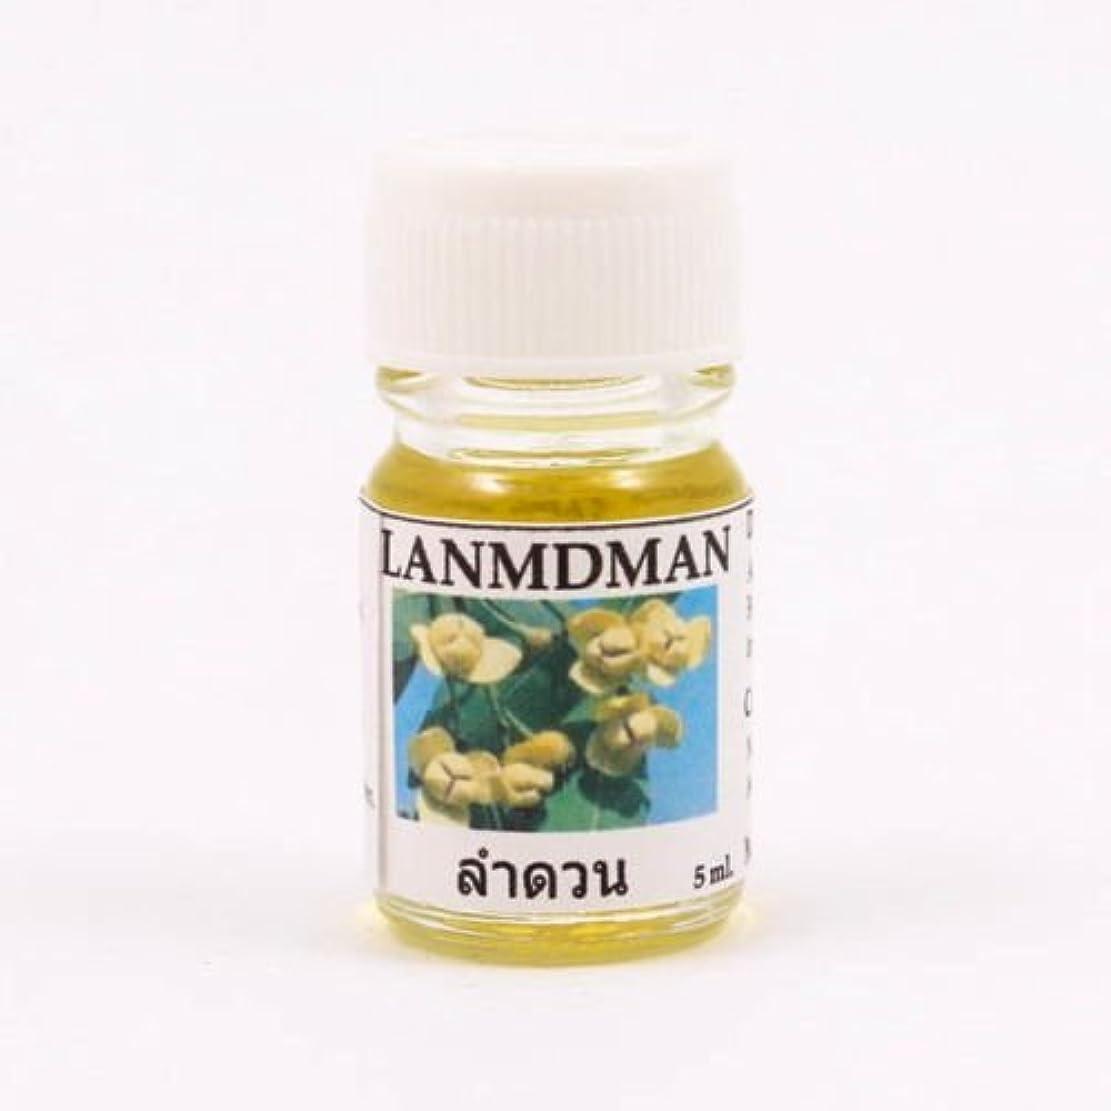 墓地深遠理論6X Lanmdman Aroma Fragrance Essential Oil 5ML. cc Diffuser Burner Therapy